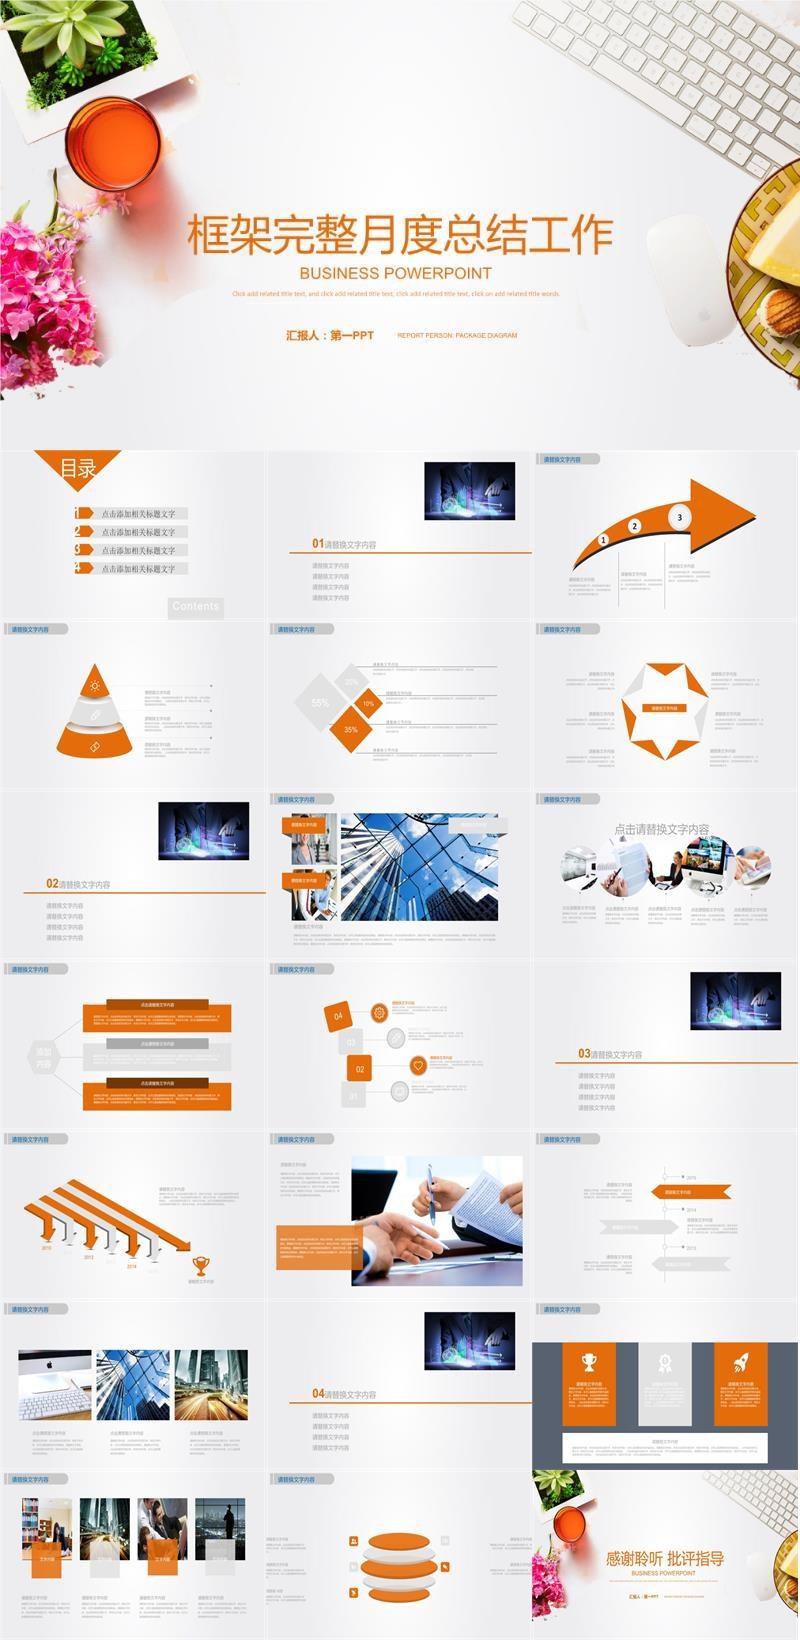 橙色清新办公场景背景的月度工作总结ppt模板图片